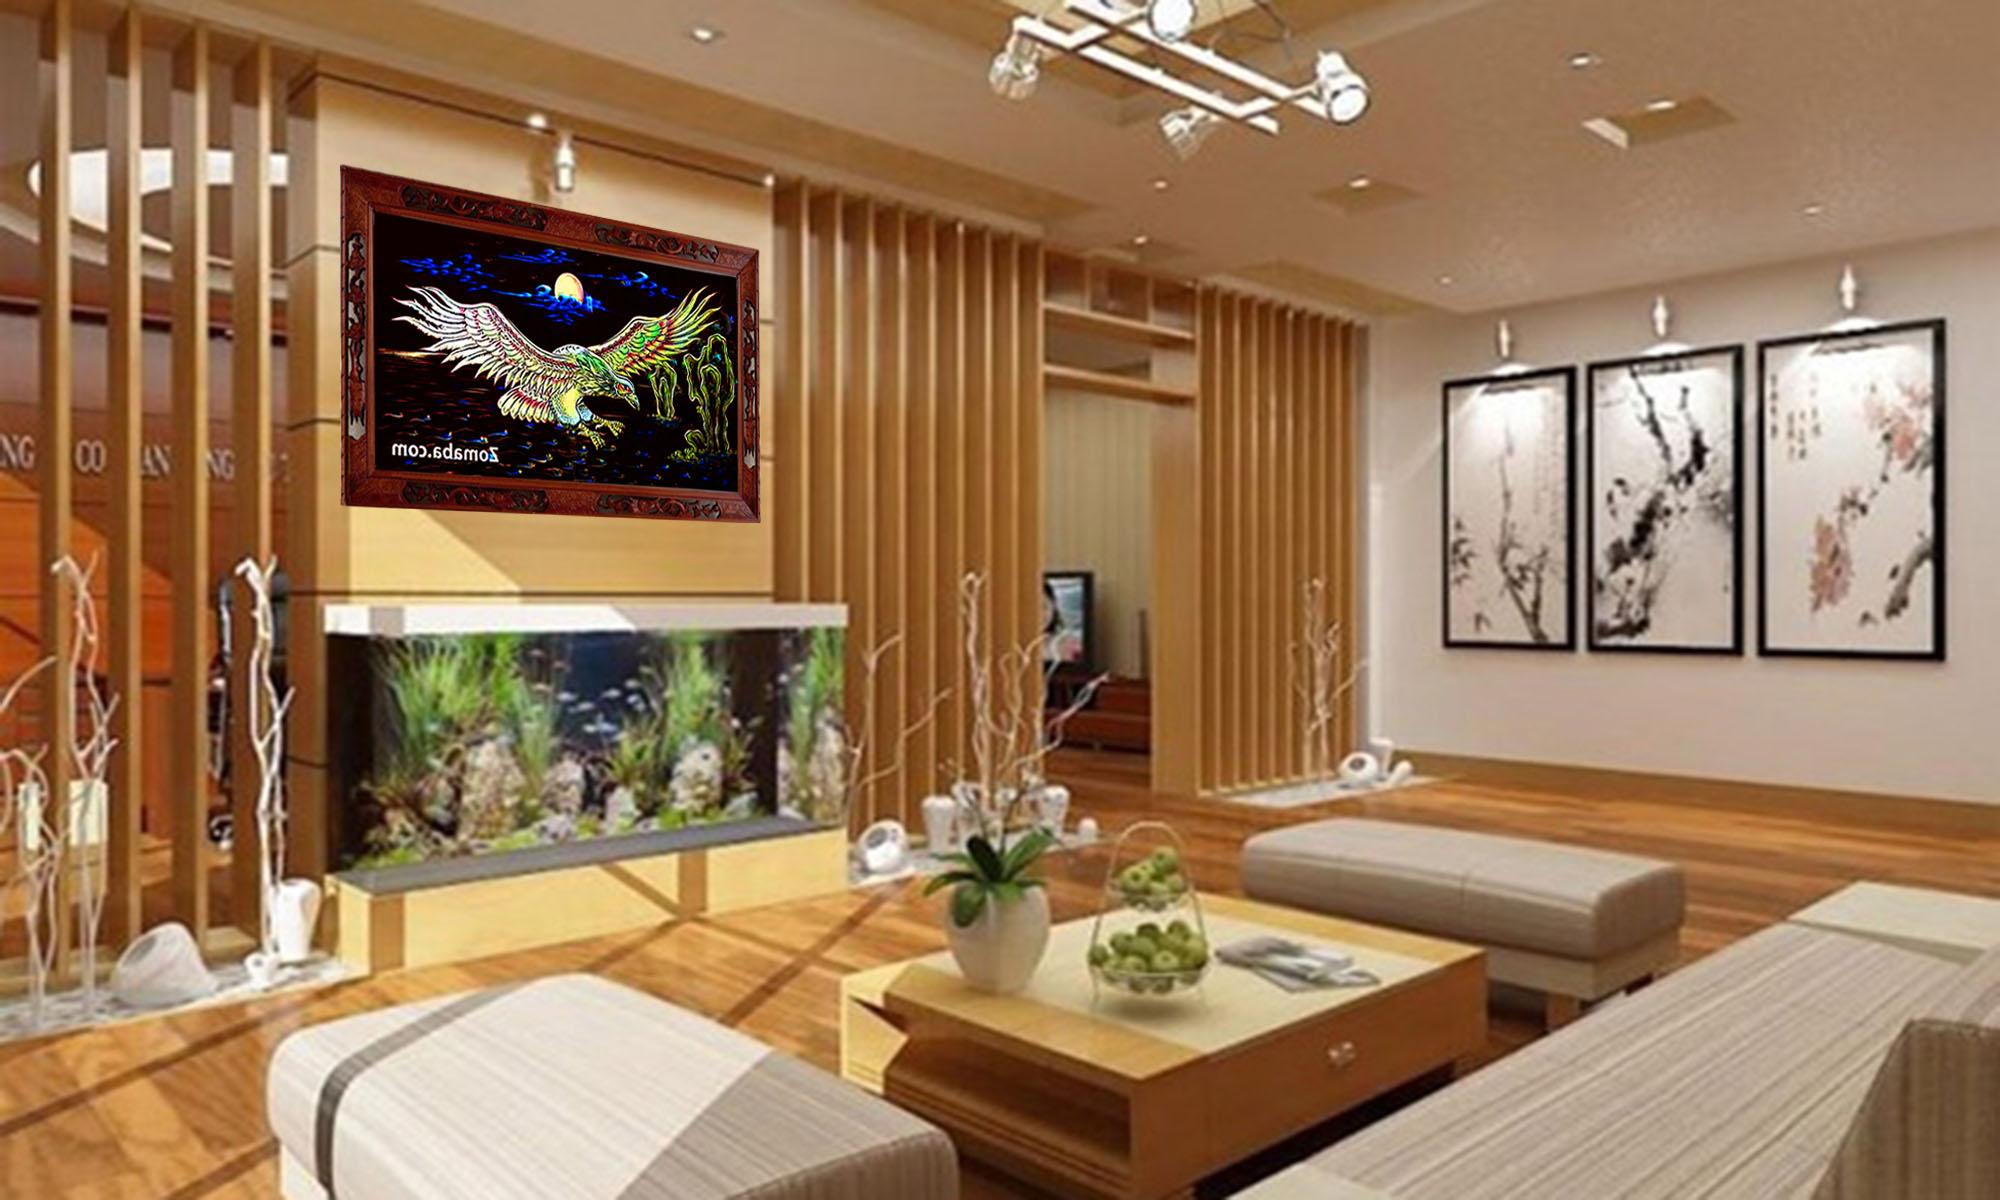 Tranh tặng tân gia nhà mới tphcm - Tranh sơn mài - Malanaz.com sale off